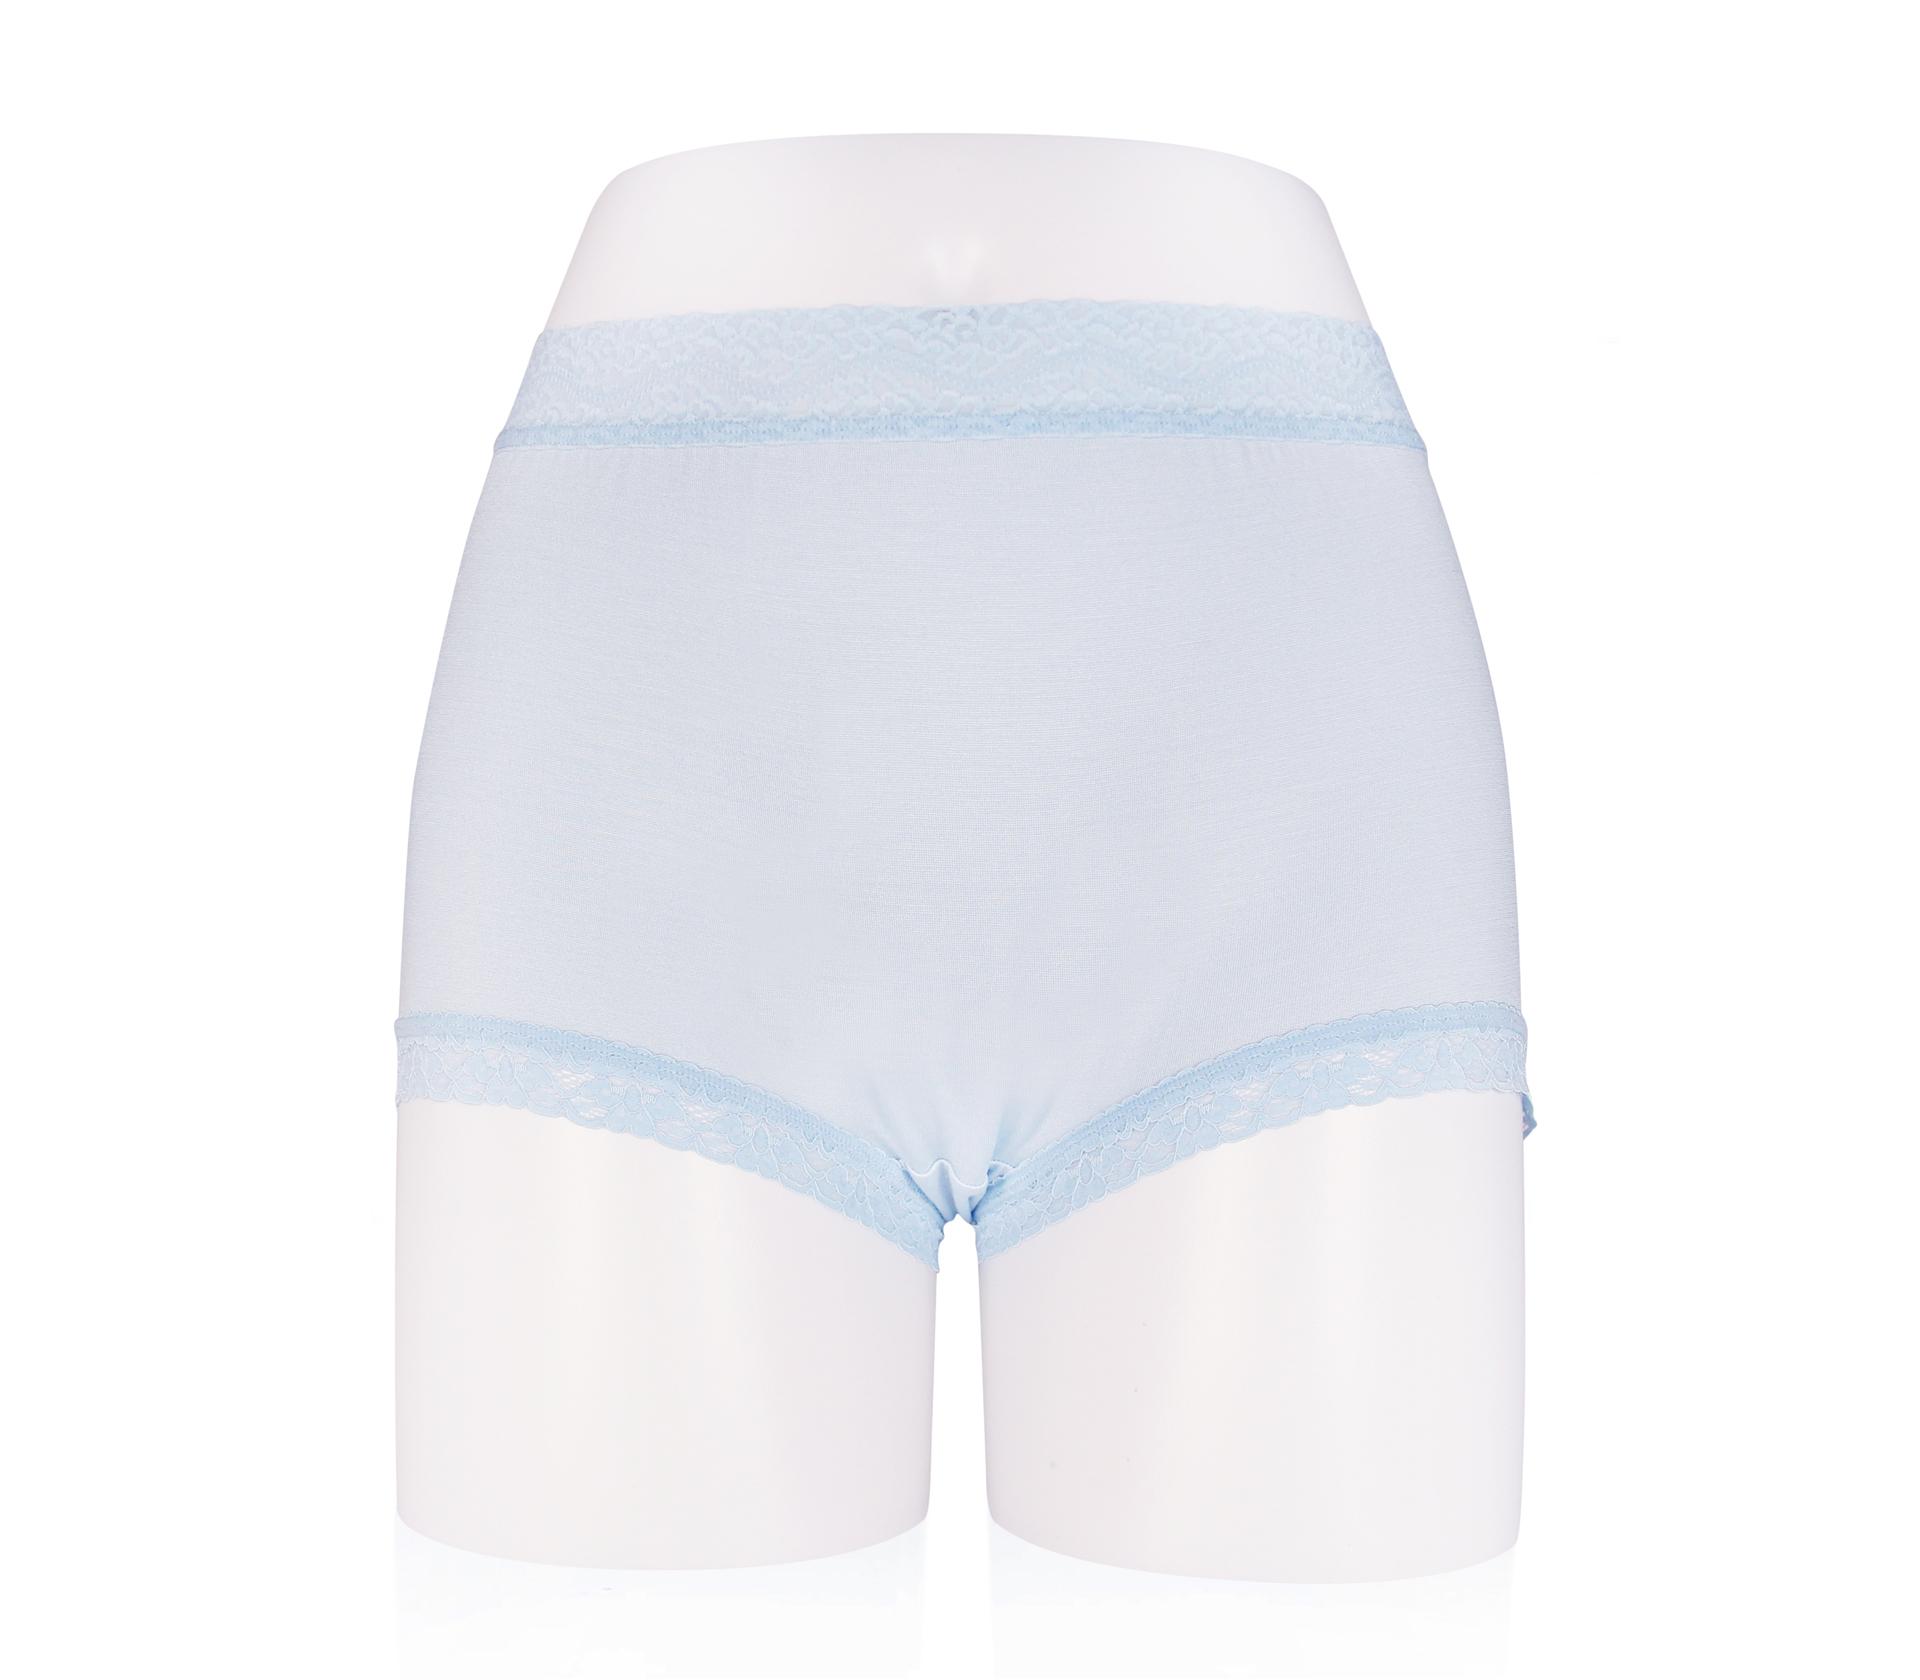 闕蘭絹中腰粉嫩親膚100%蠶絲平口褲 - 88118 (藍色)